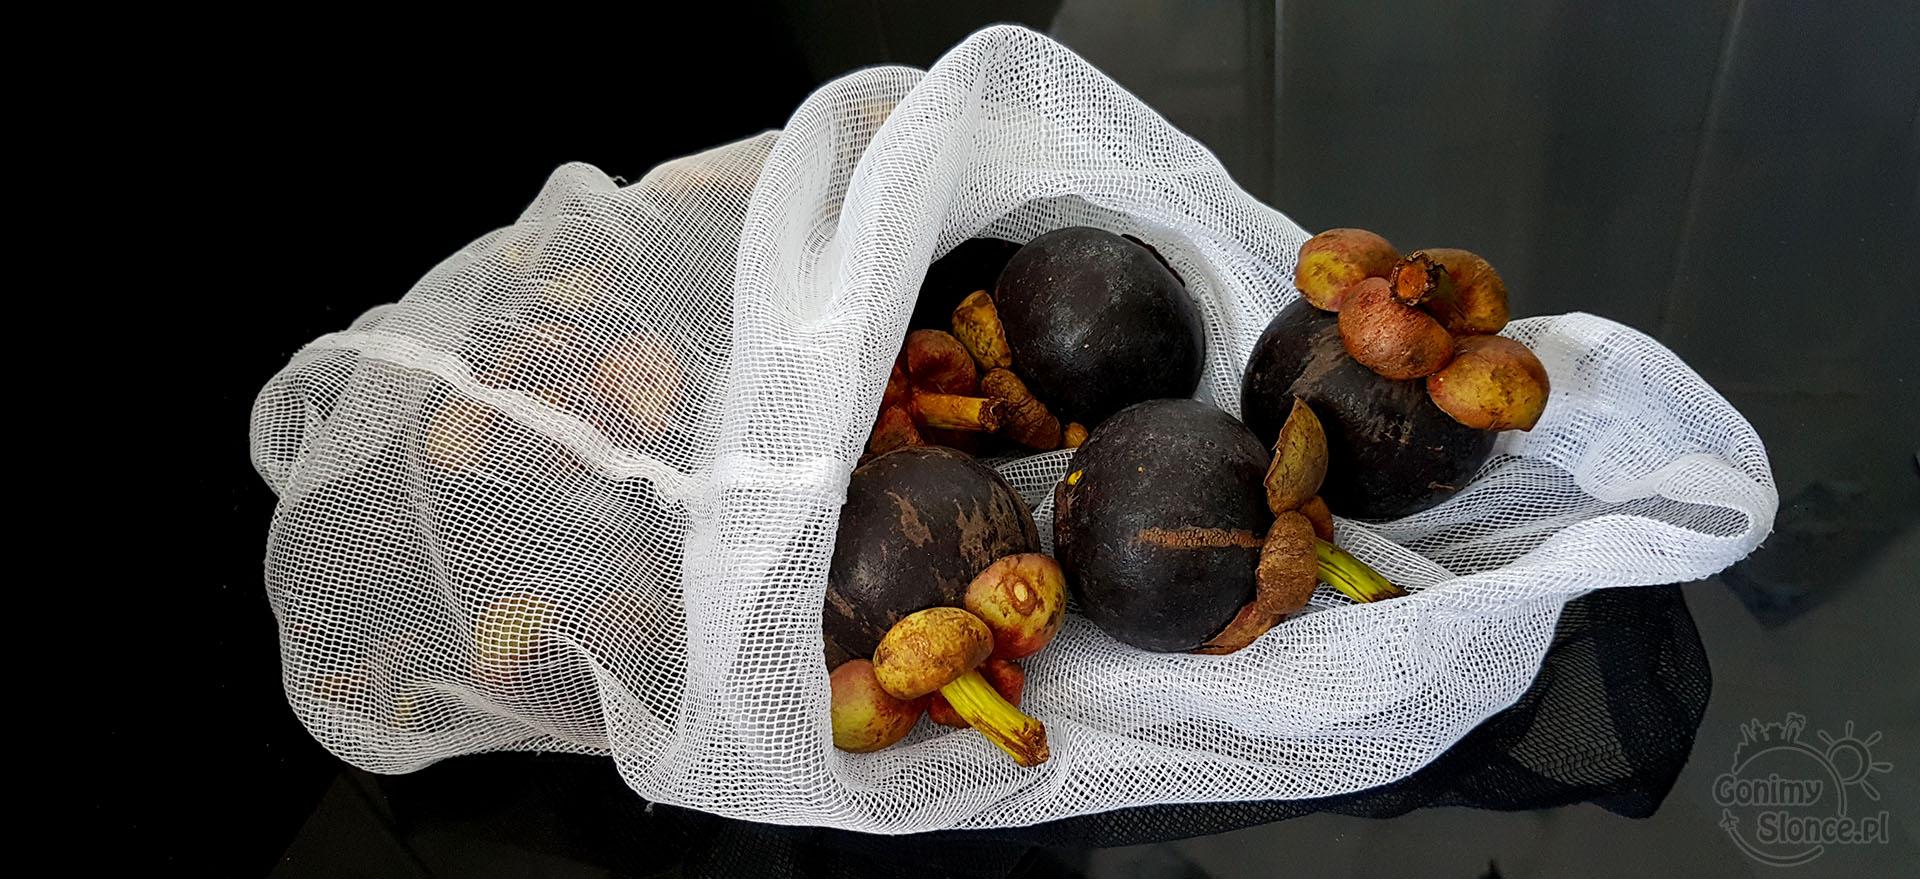 Eko w podróży i poza domem - worek z firanki na owoce i warzywa